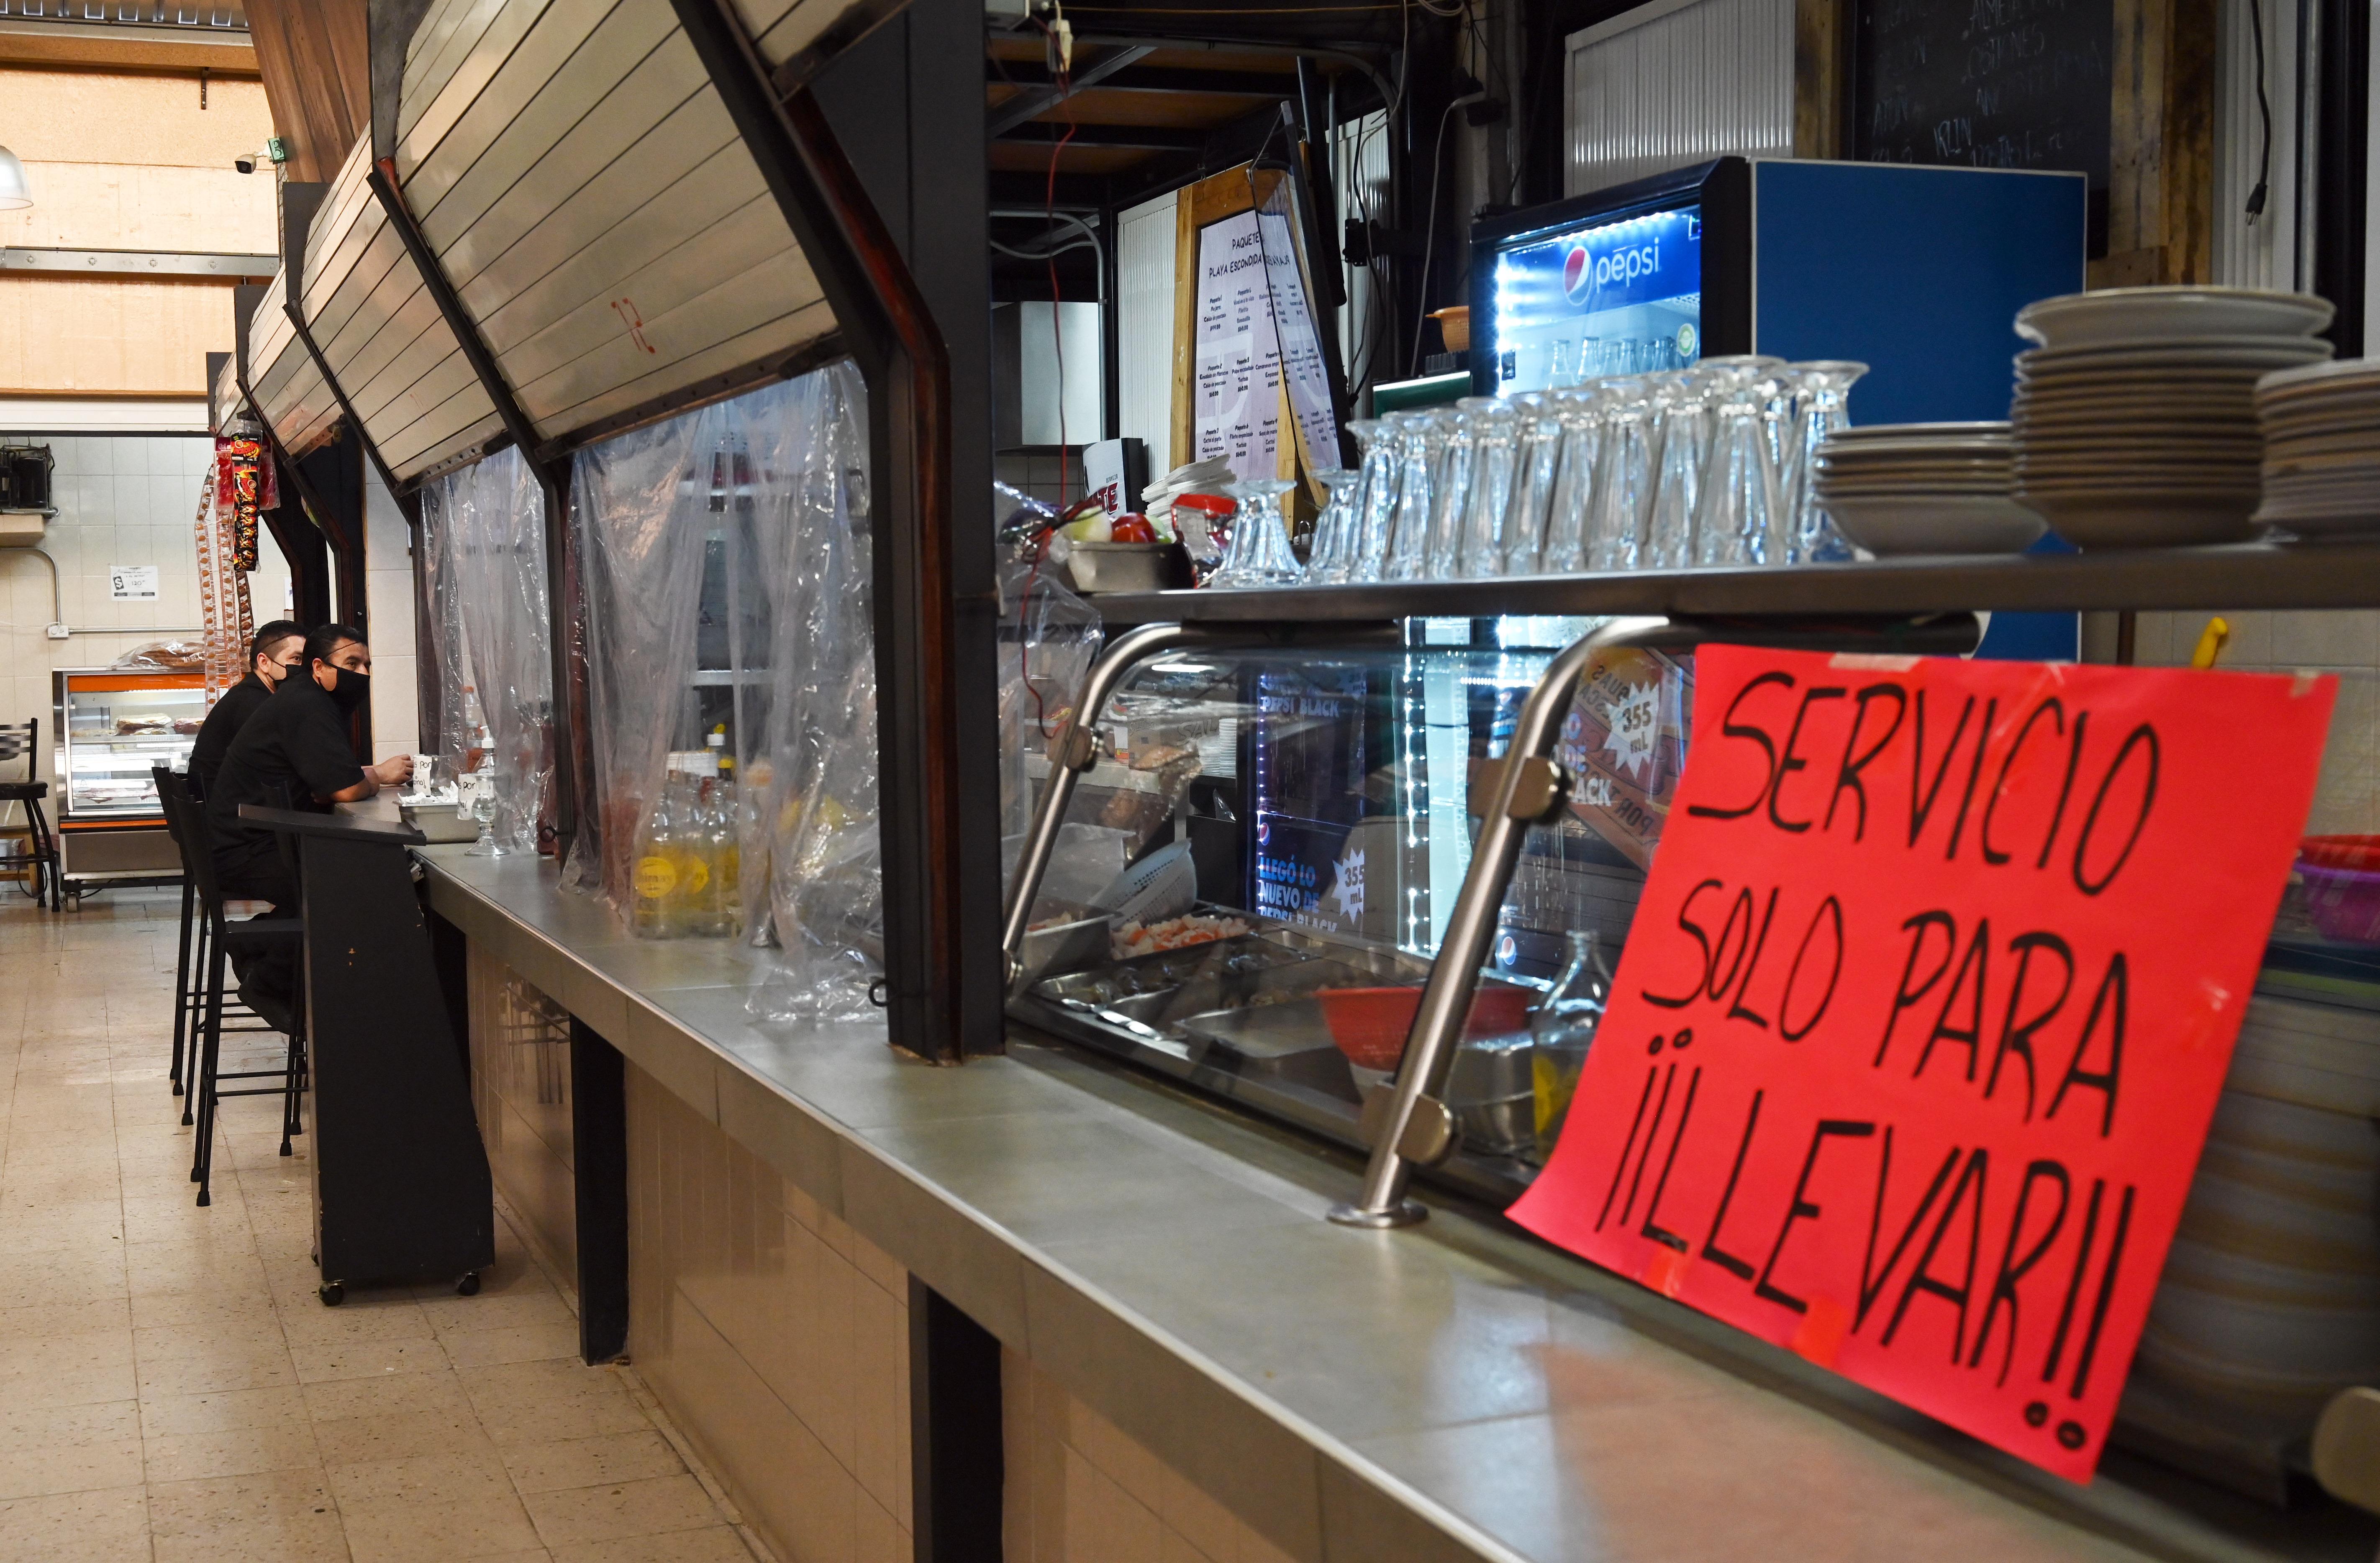 Los empleados de un restaurante esperan a los clientes mientras permanece cerrado al público en un mercado popular en la Ciudad de México el 29 de junio de 2020. (Foto: RODRIGO ARANGUA / AFP)